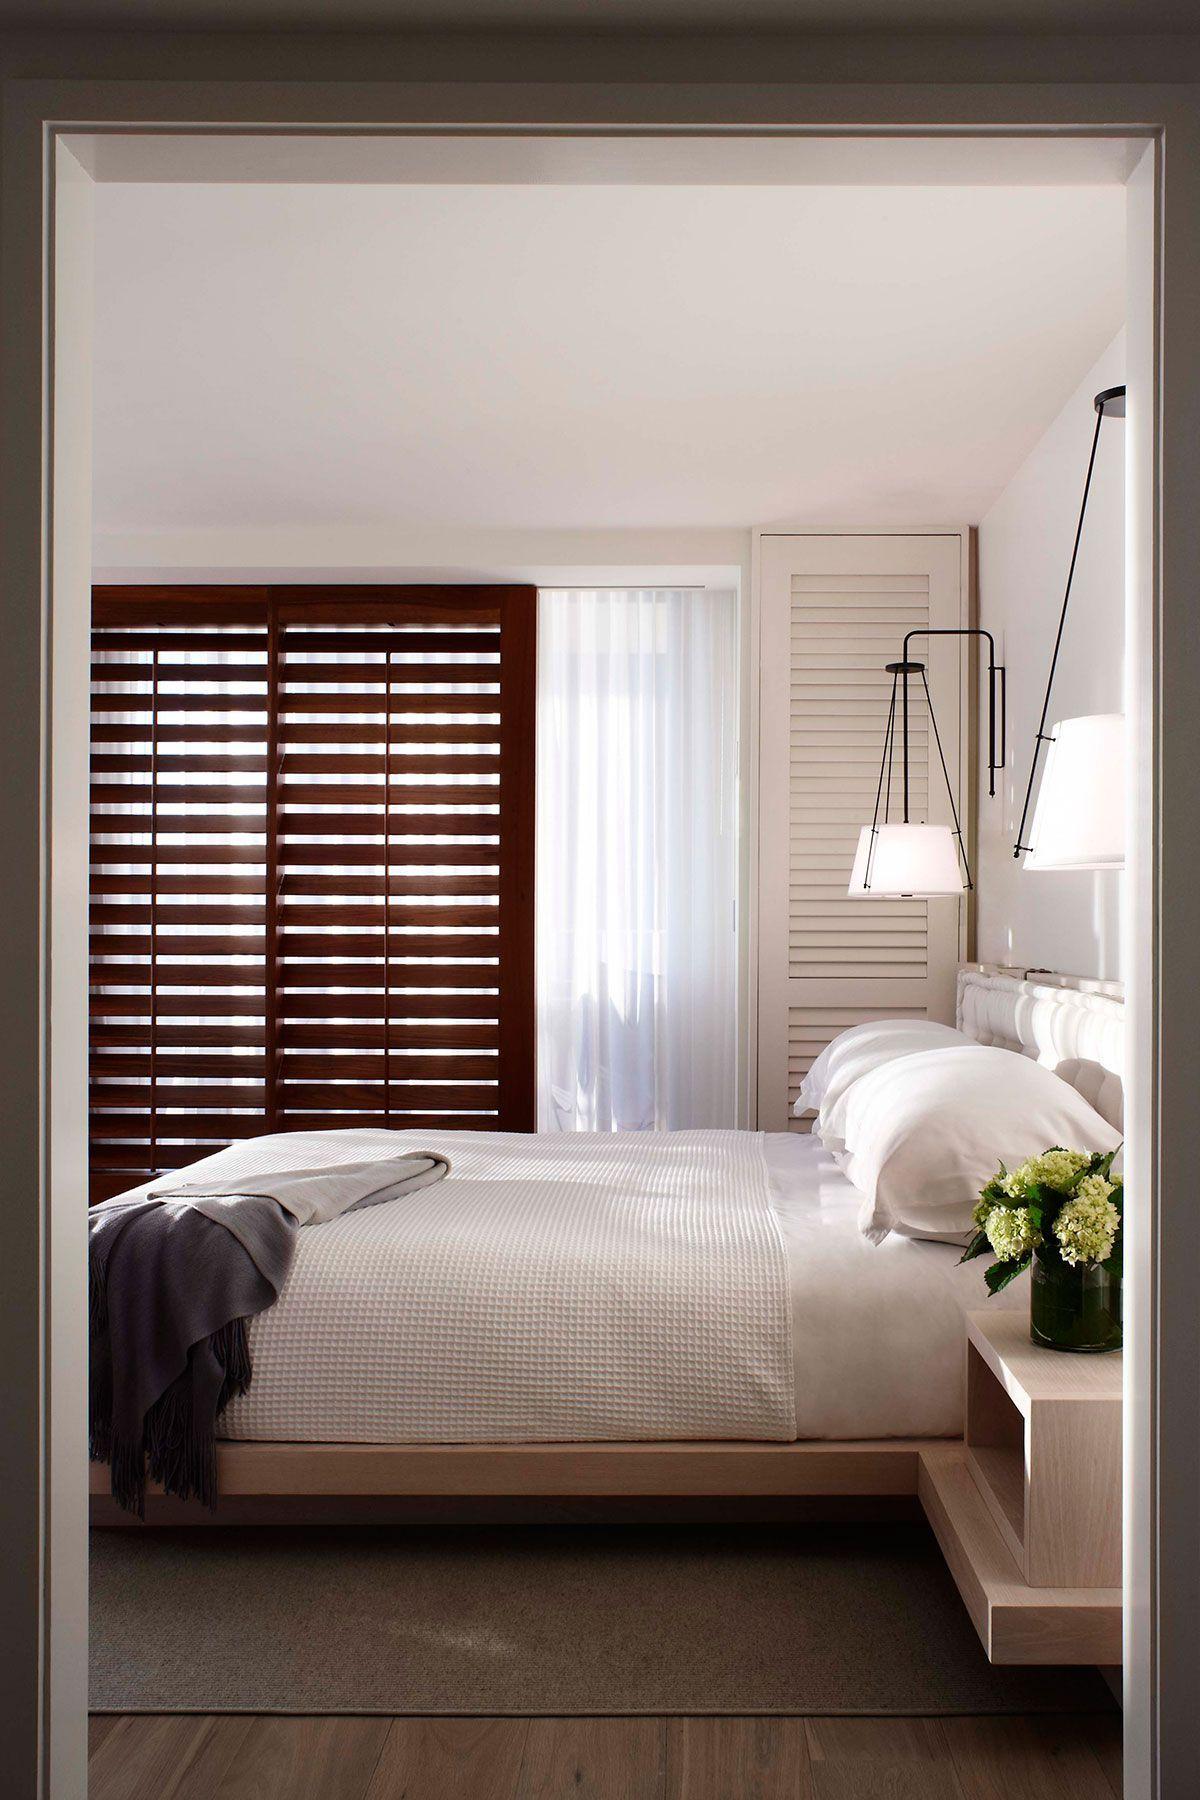 Luxury Hotel Bedrooms: YABU PUSHELBERG The Modern Honolulu